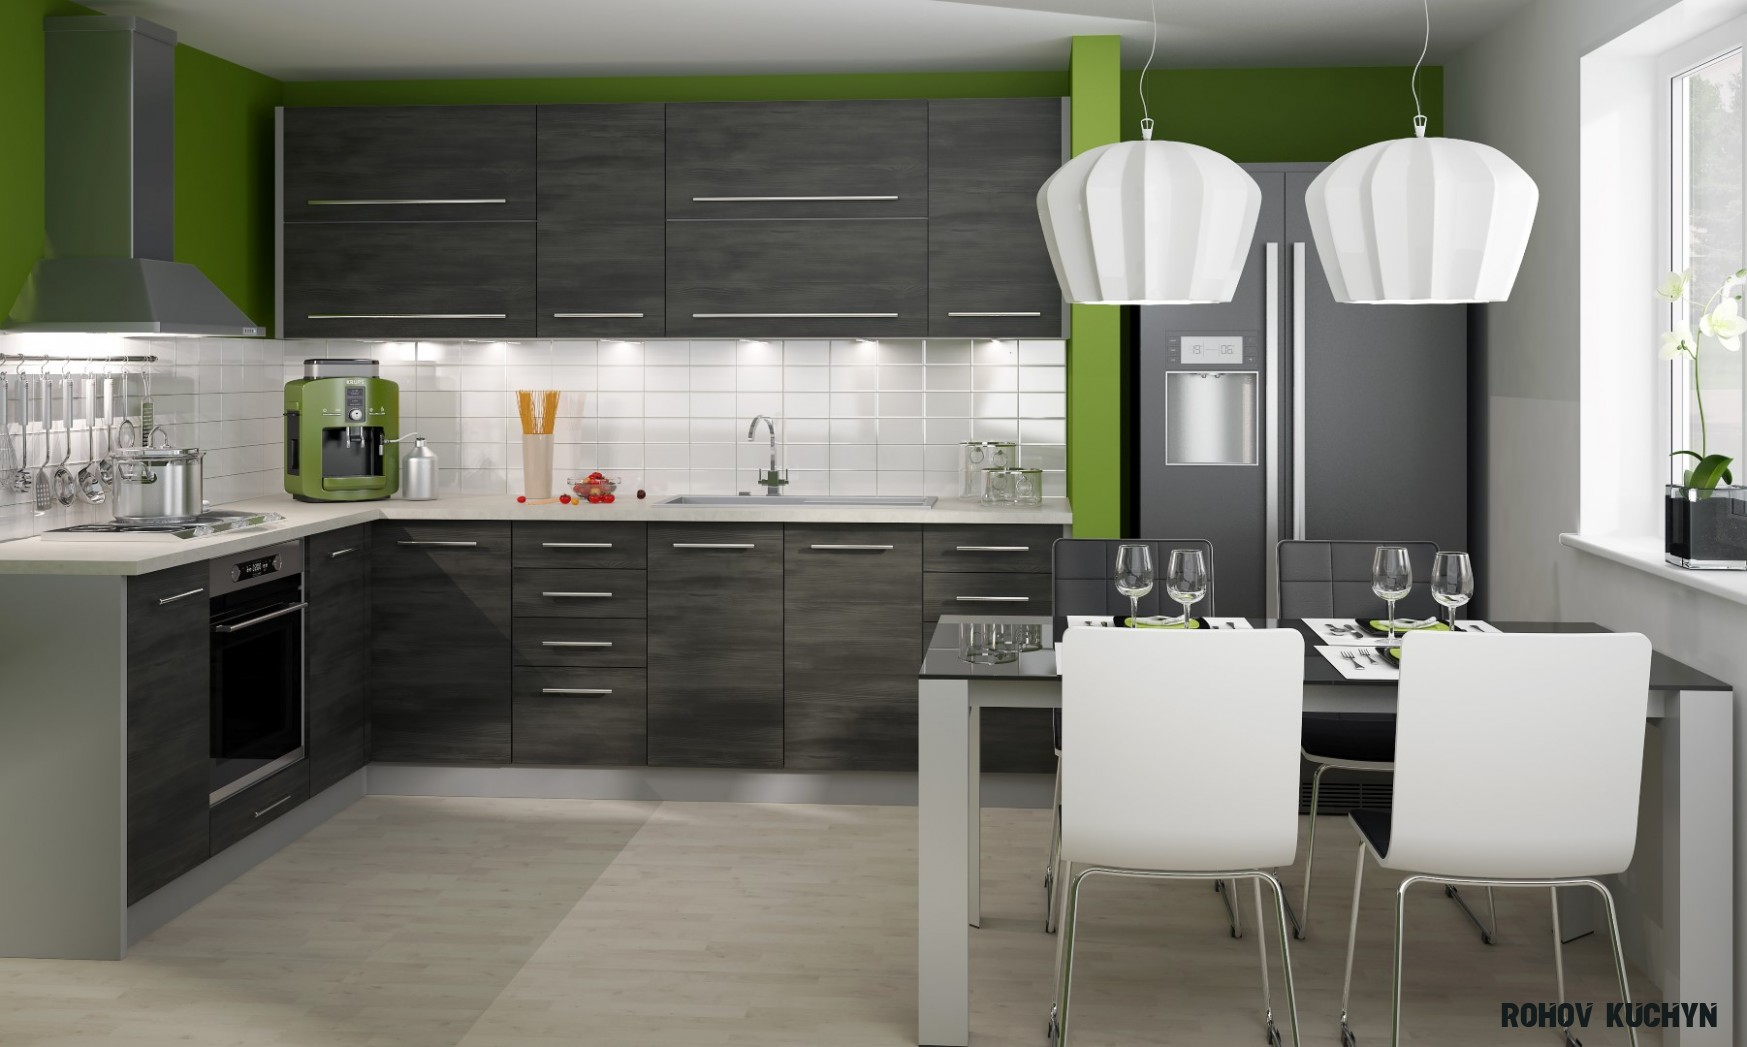 Rohová kuchyně Silver 14 x 14 cm  Nábytek Sprint